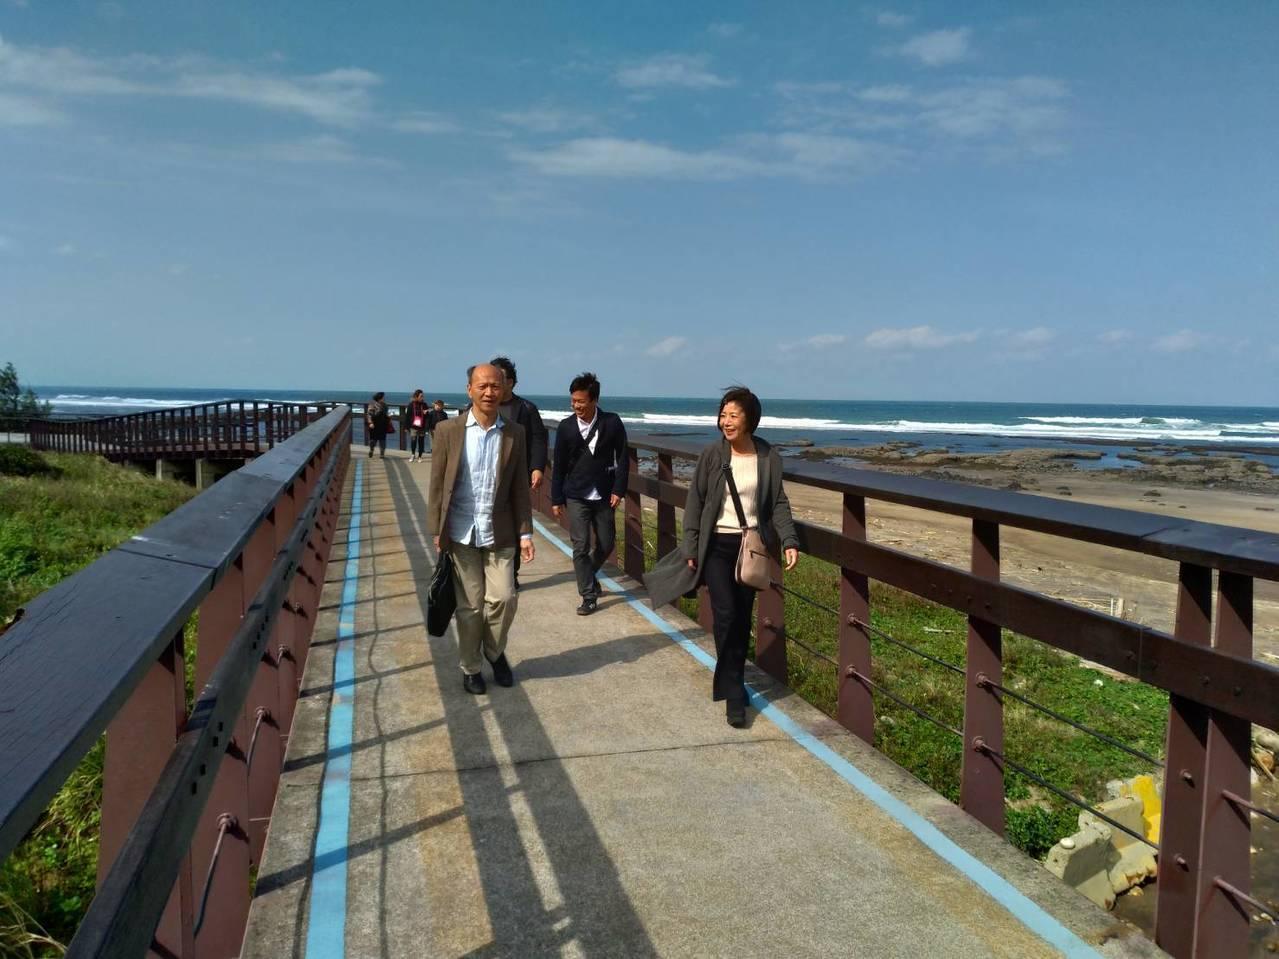 北海岸健行、溫泉、美食夯,日本業者來踩青春山海線。圖/北觀處提供